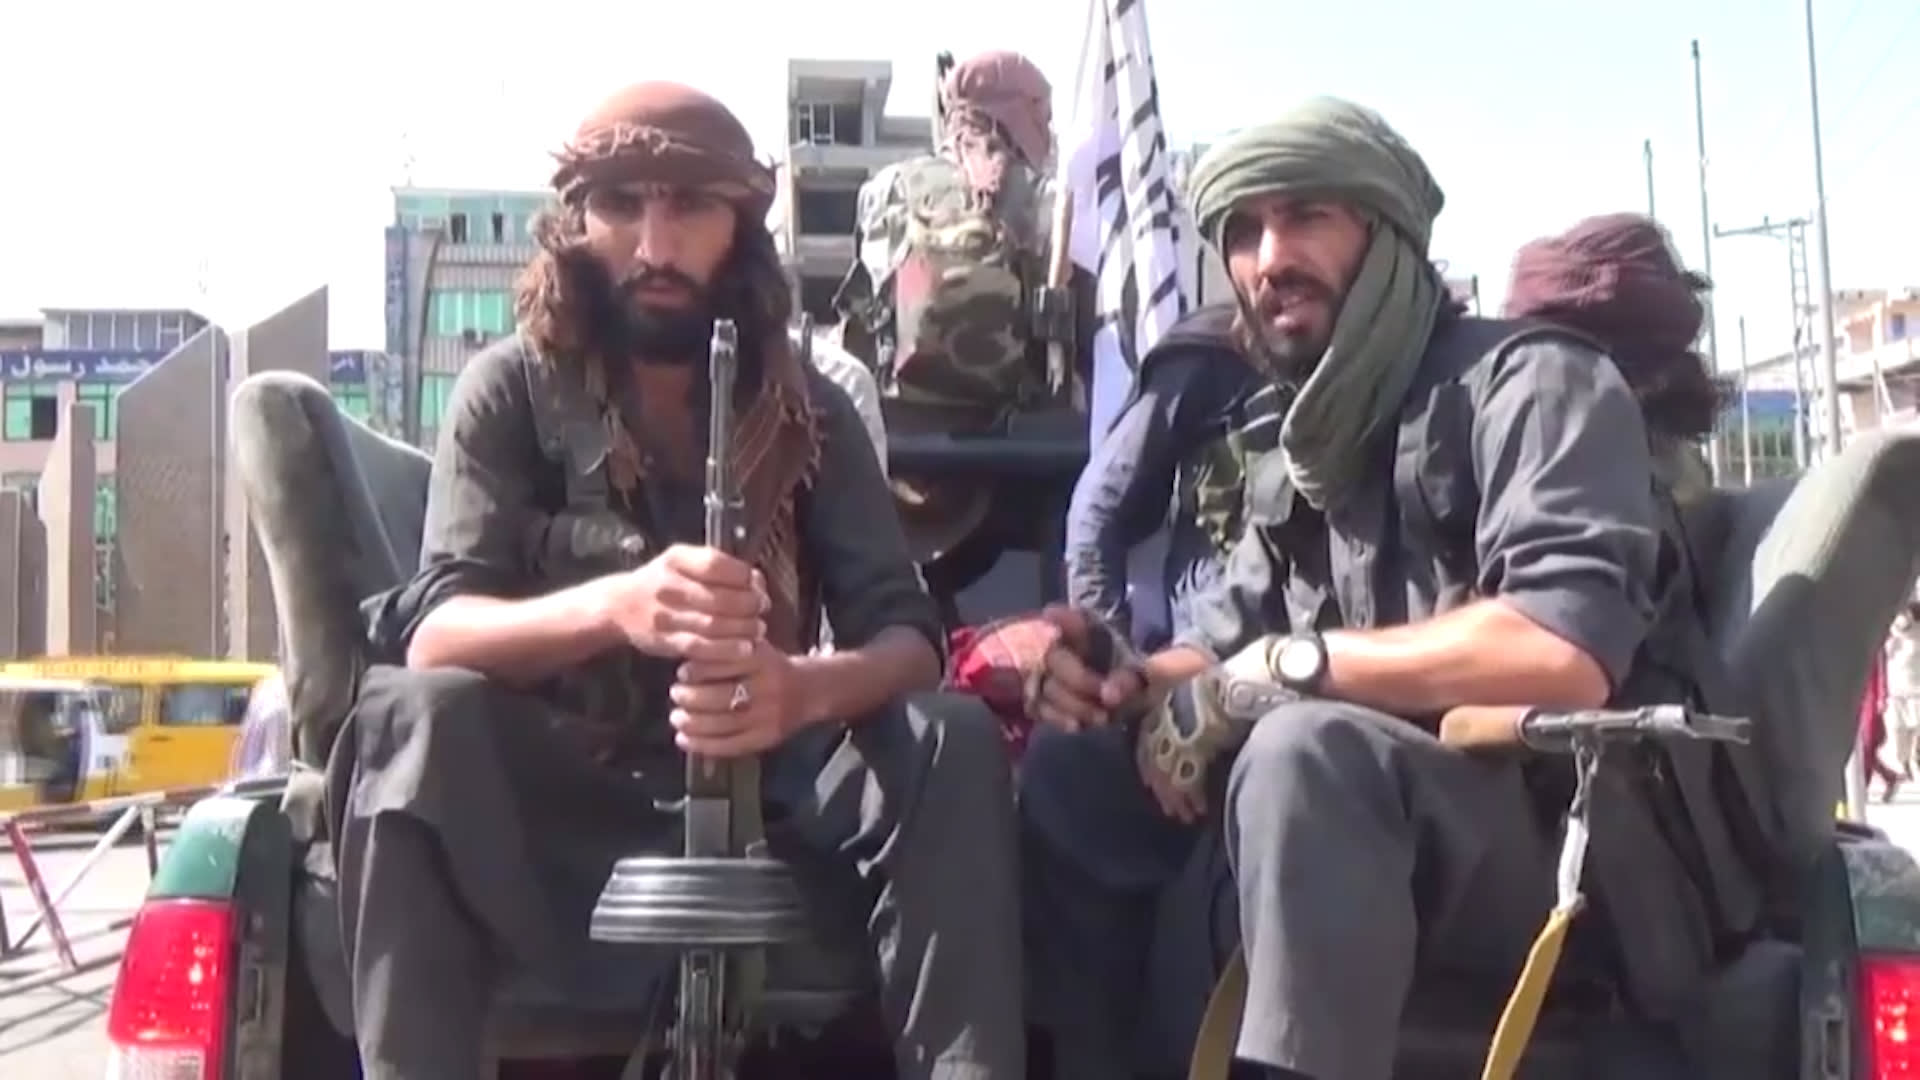 كيف ستطبق طالبان الشريعة في ولايتها الثانية وماذا يعني للنساء والفتيات؟